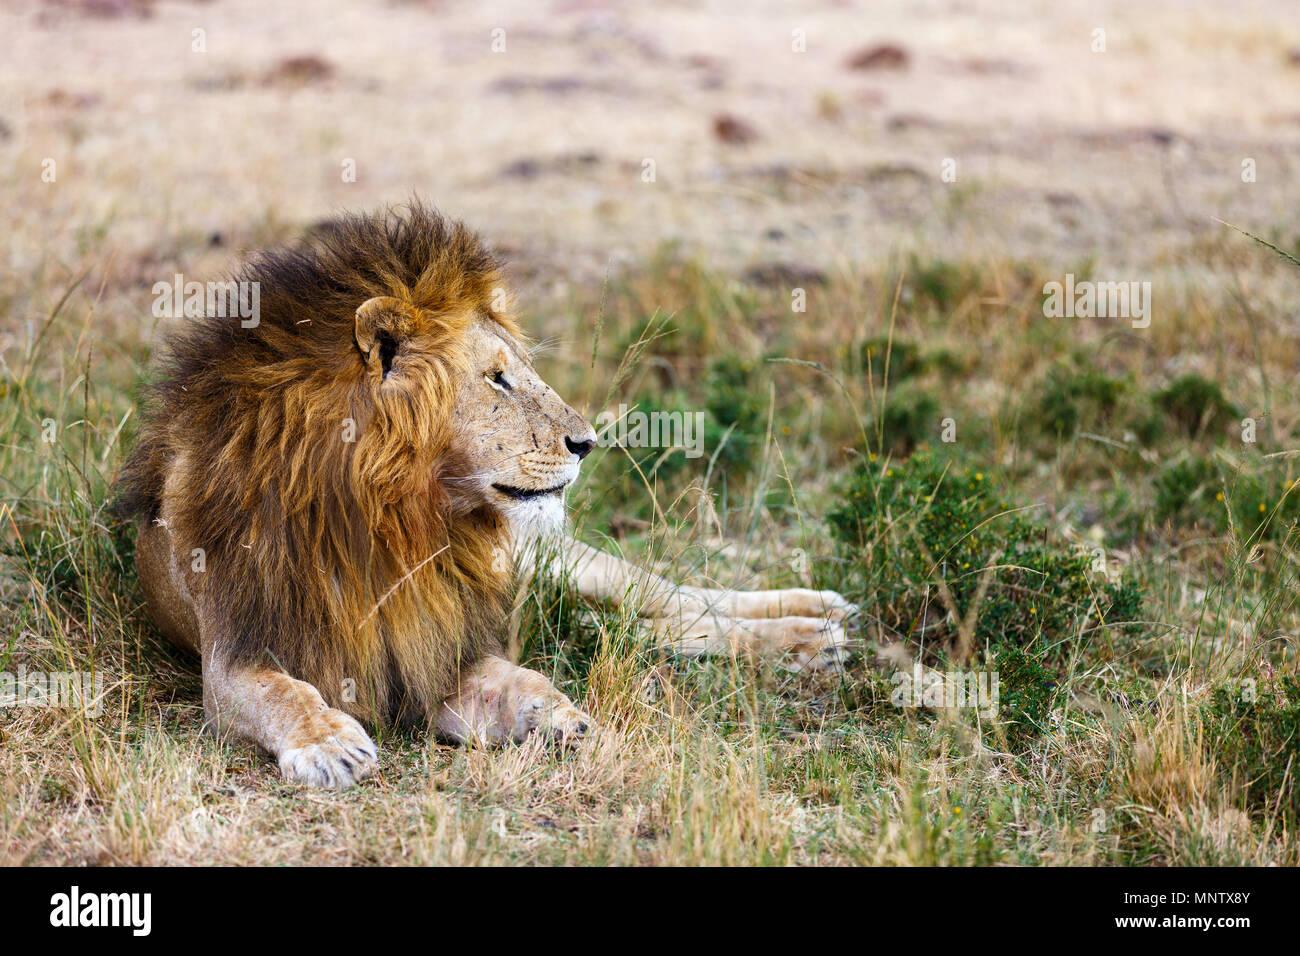 Lion couché dans l'herbe dans les savanes en Afrique Photo Stock